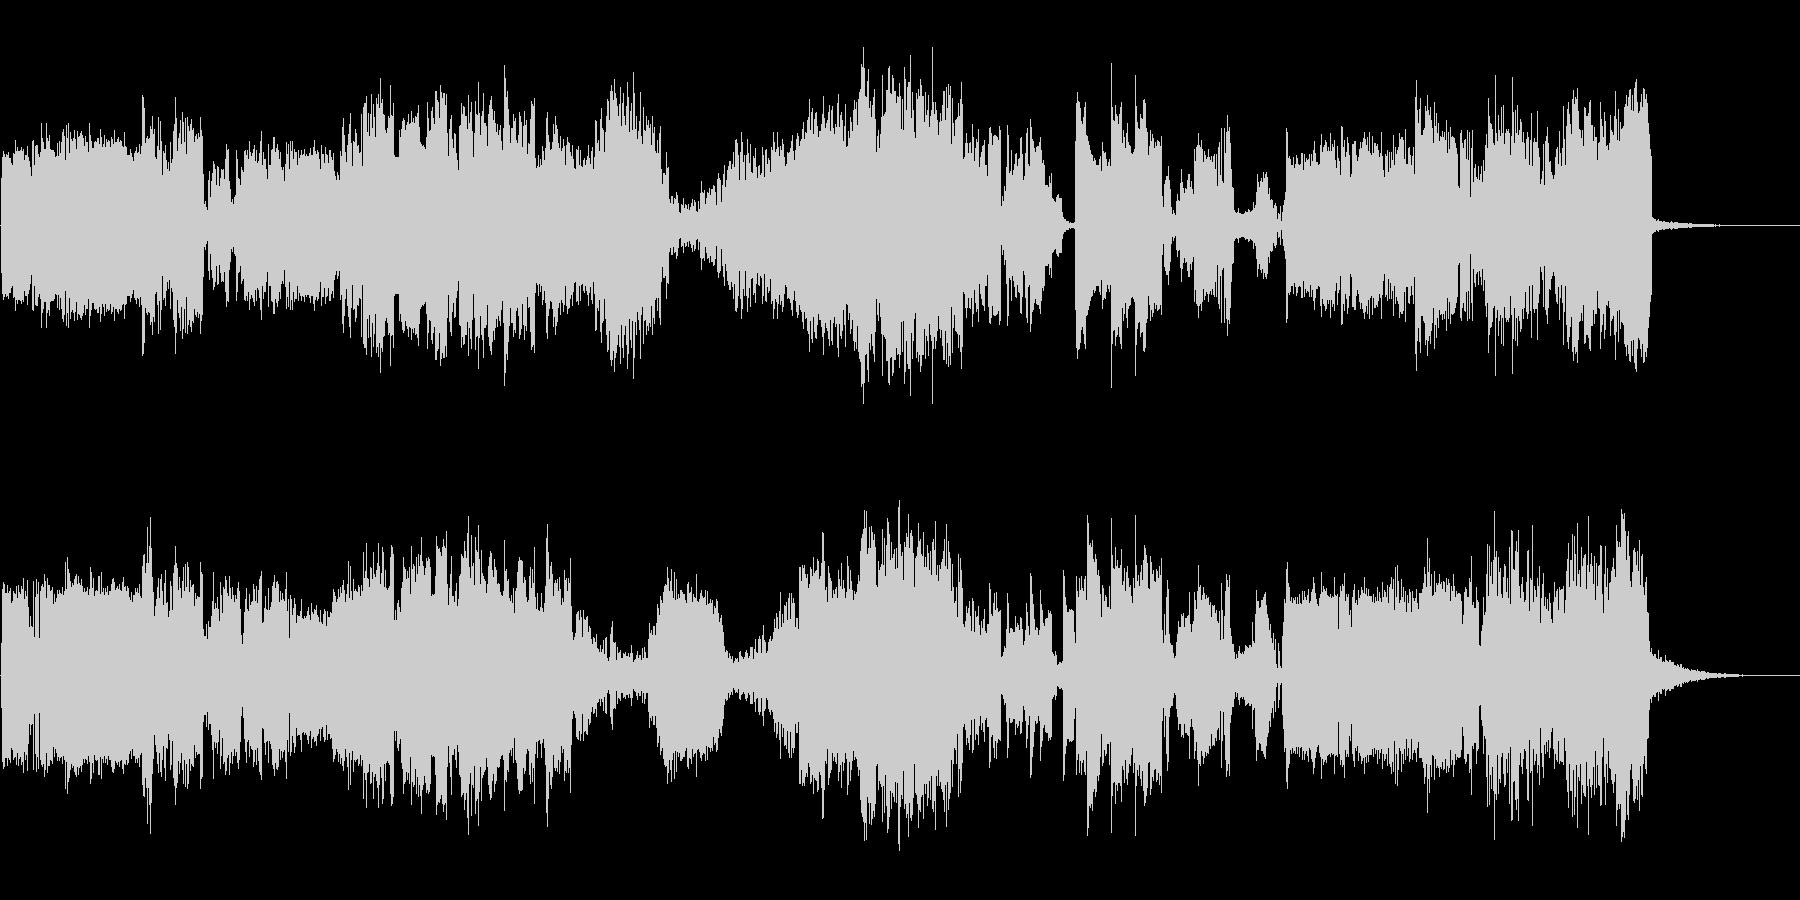 オーディオカオスの未再生の波形